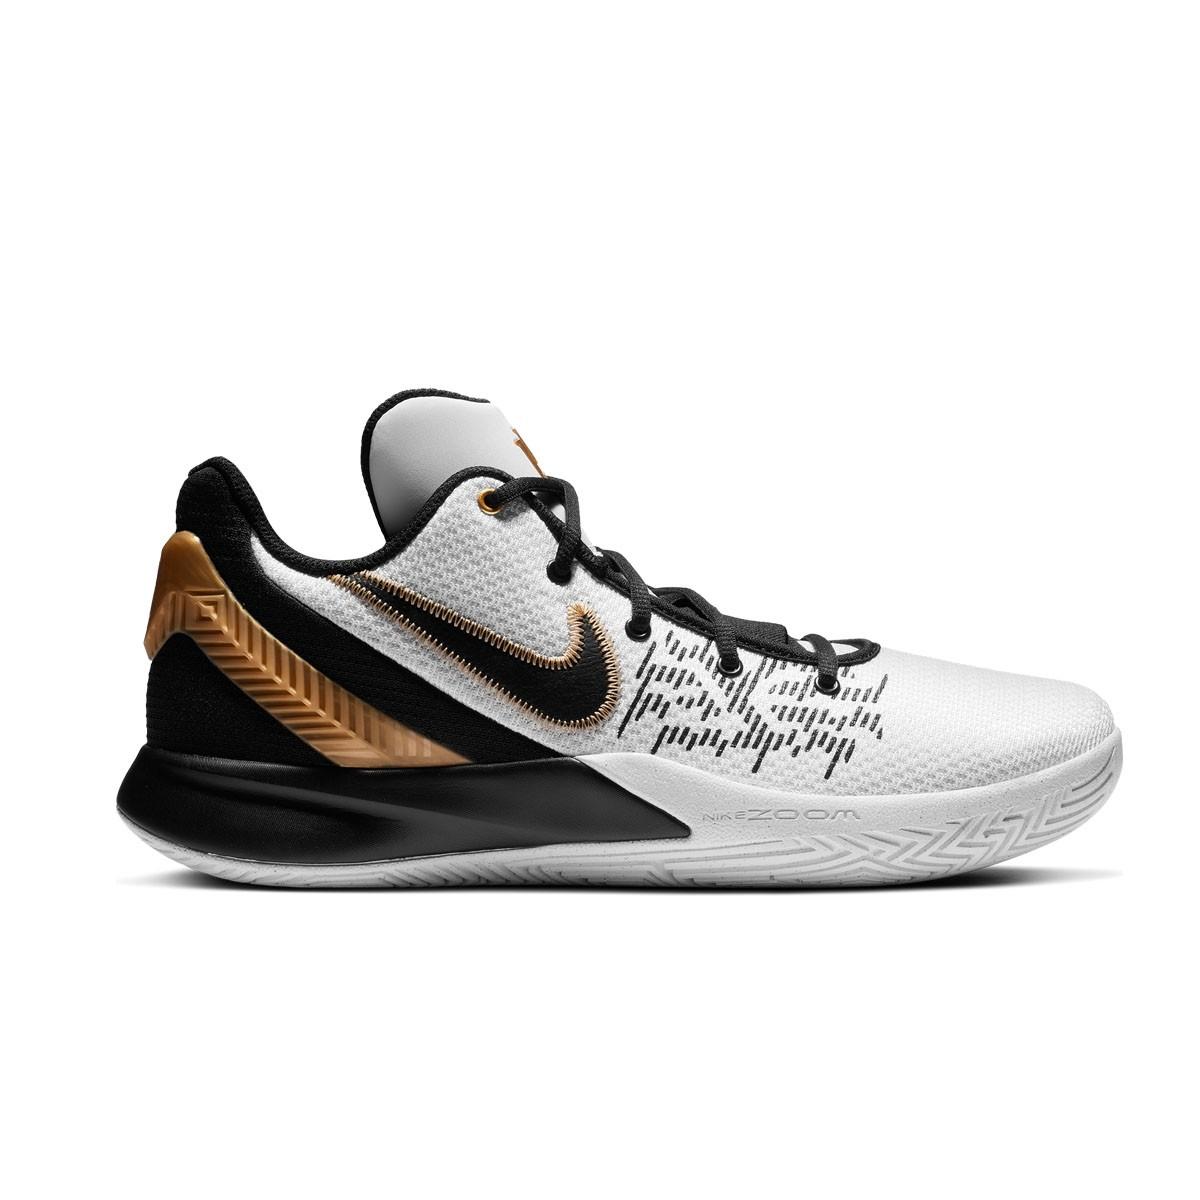 Nike Kyrie Flytrap II 'Black Gold'